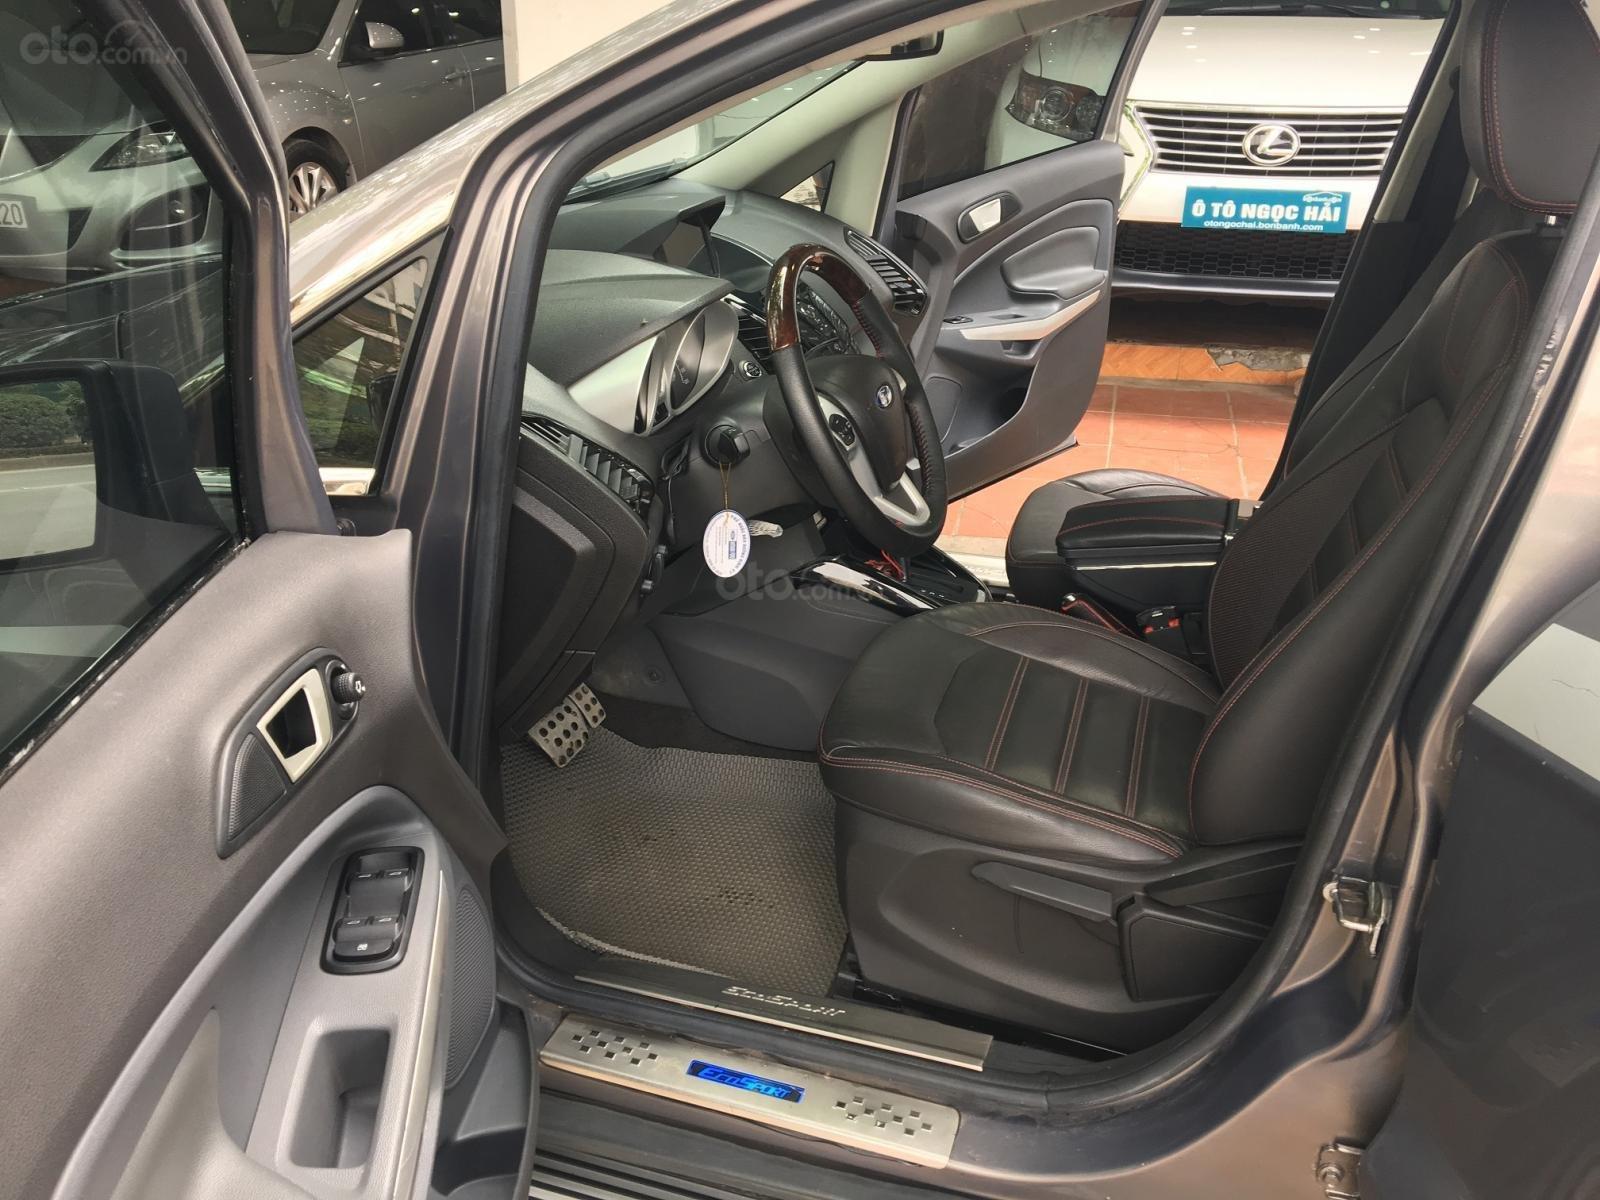 Bán xe Ford EcoSport 1.5 Titanium sản xuất 2015 biển Hà Nội (6)